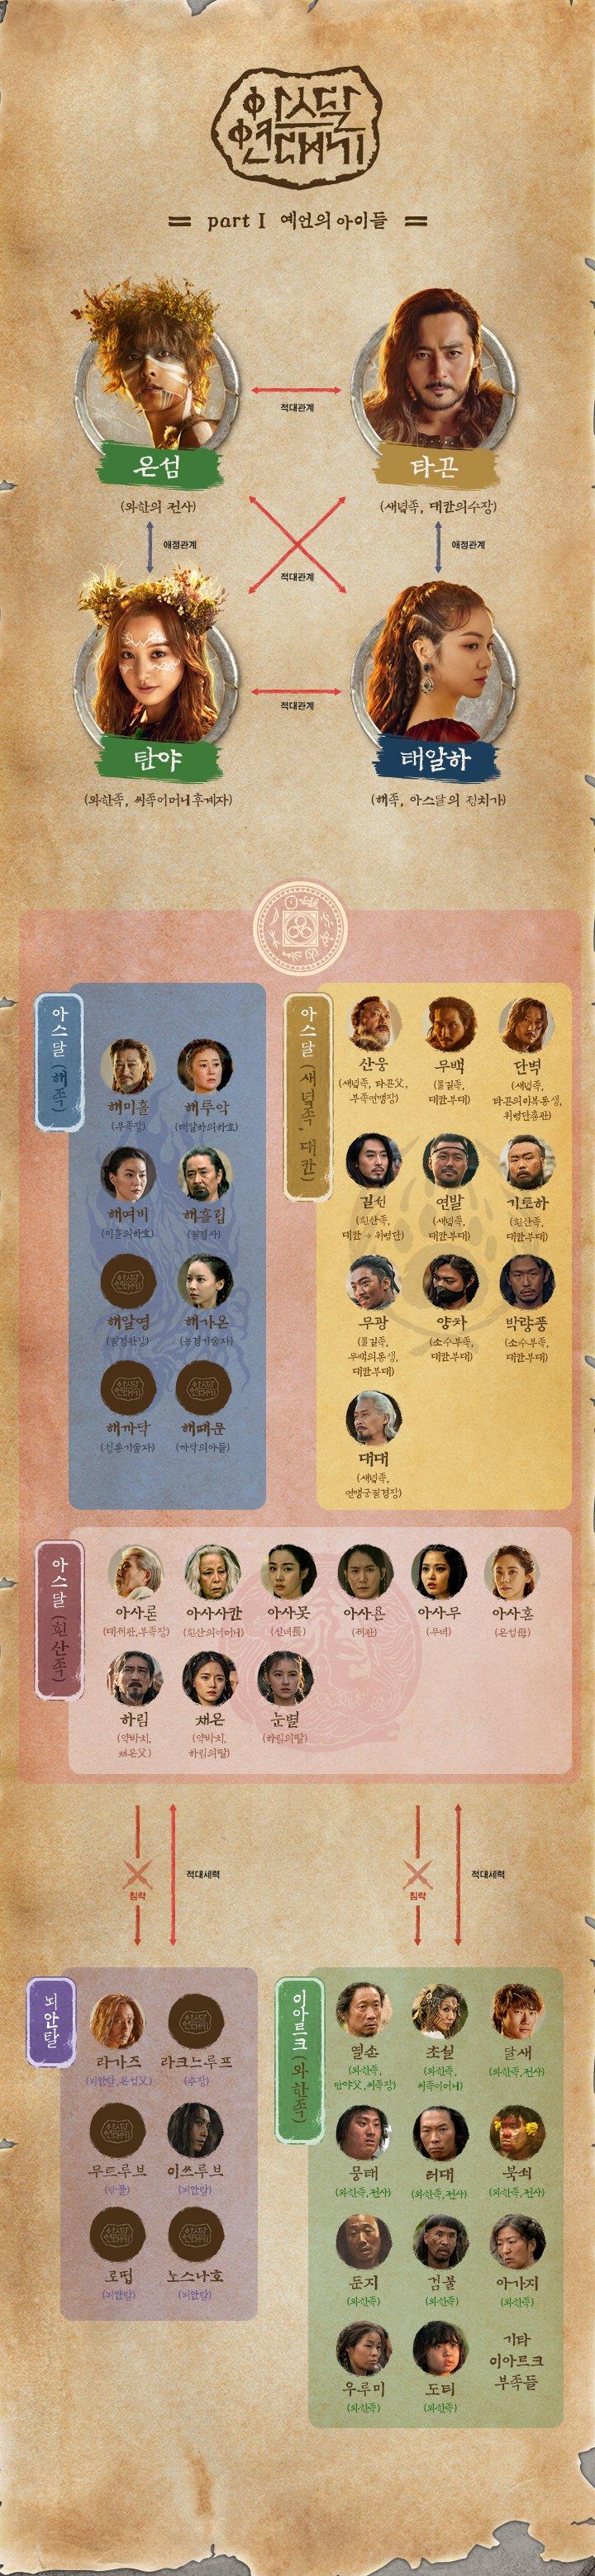 アスダル年代記 人物相関図・人物関係図